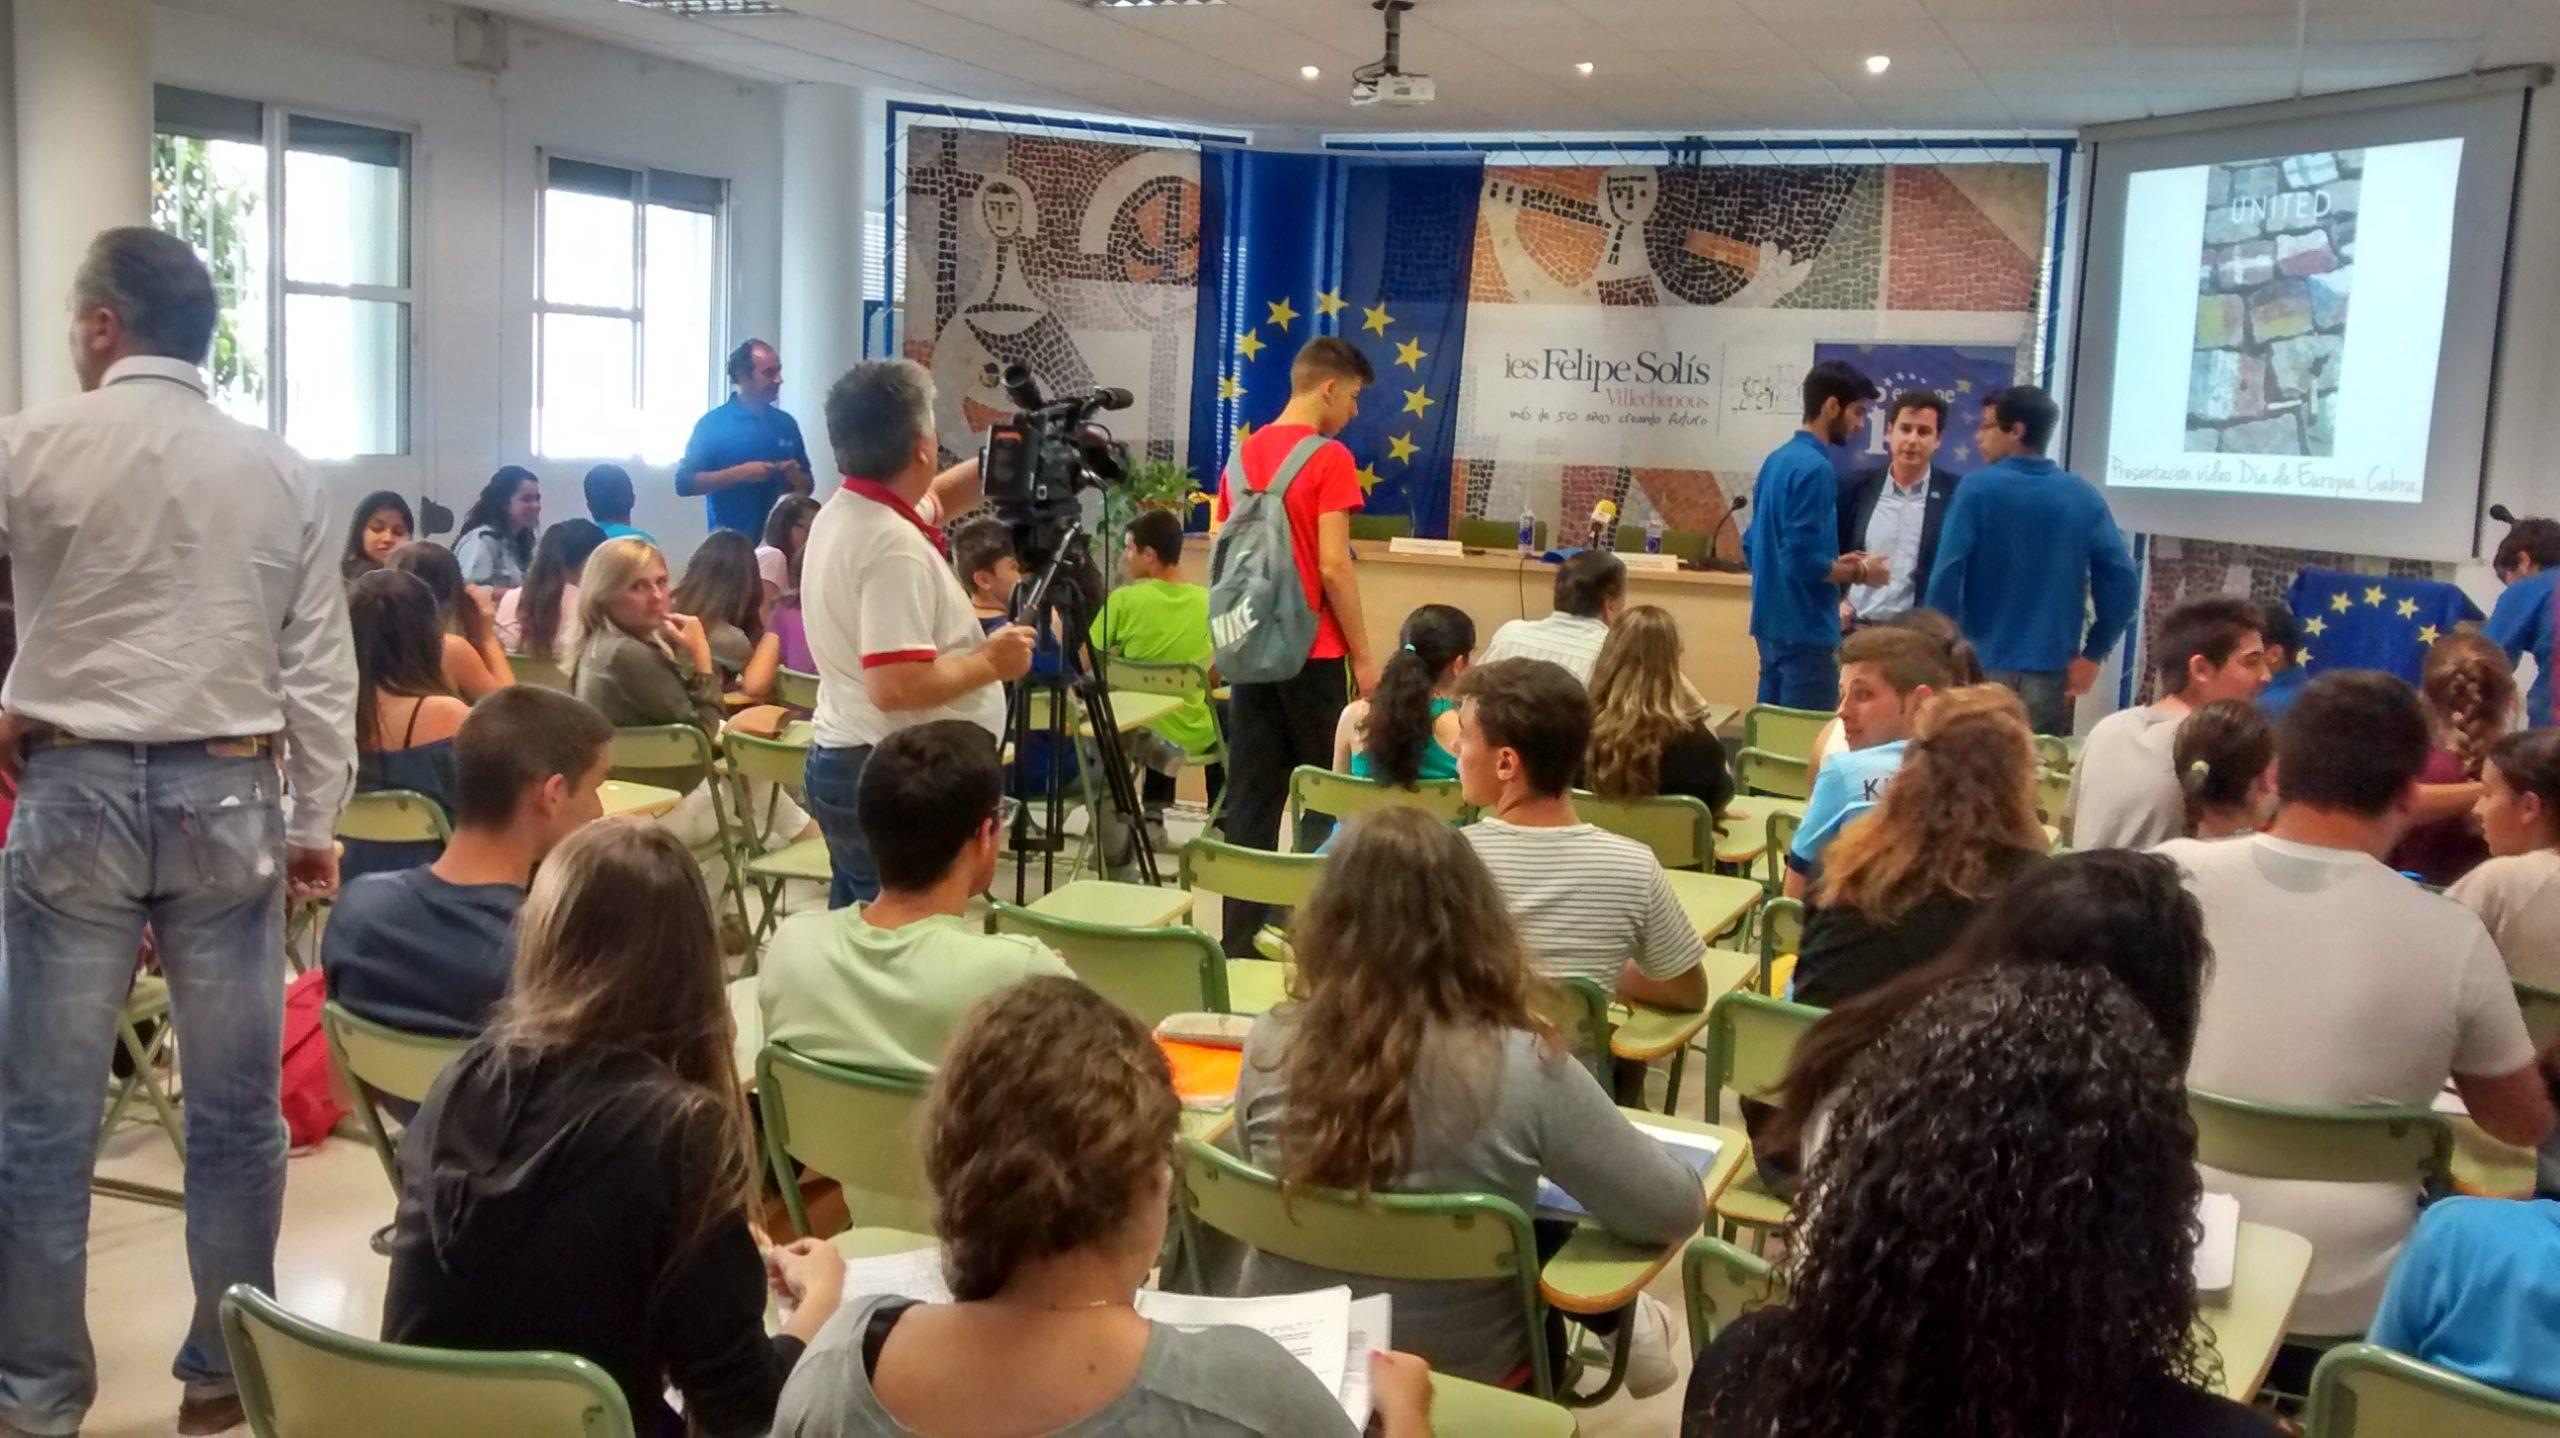 Día de Europa 2015 en Cabra, presentación vídeo elaborado por jóvenes, 7 de mayo.